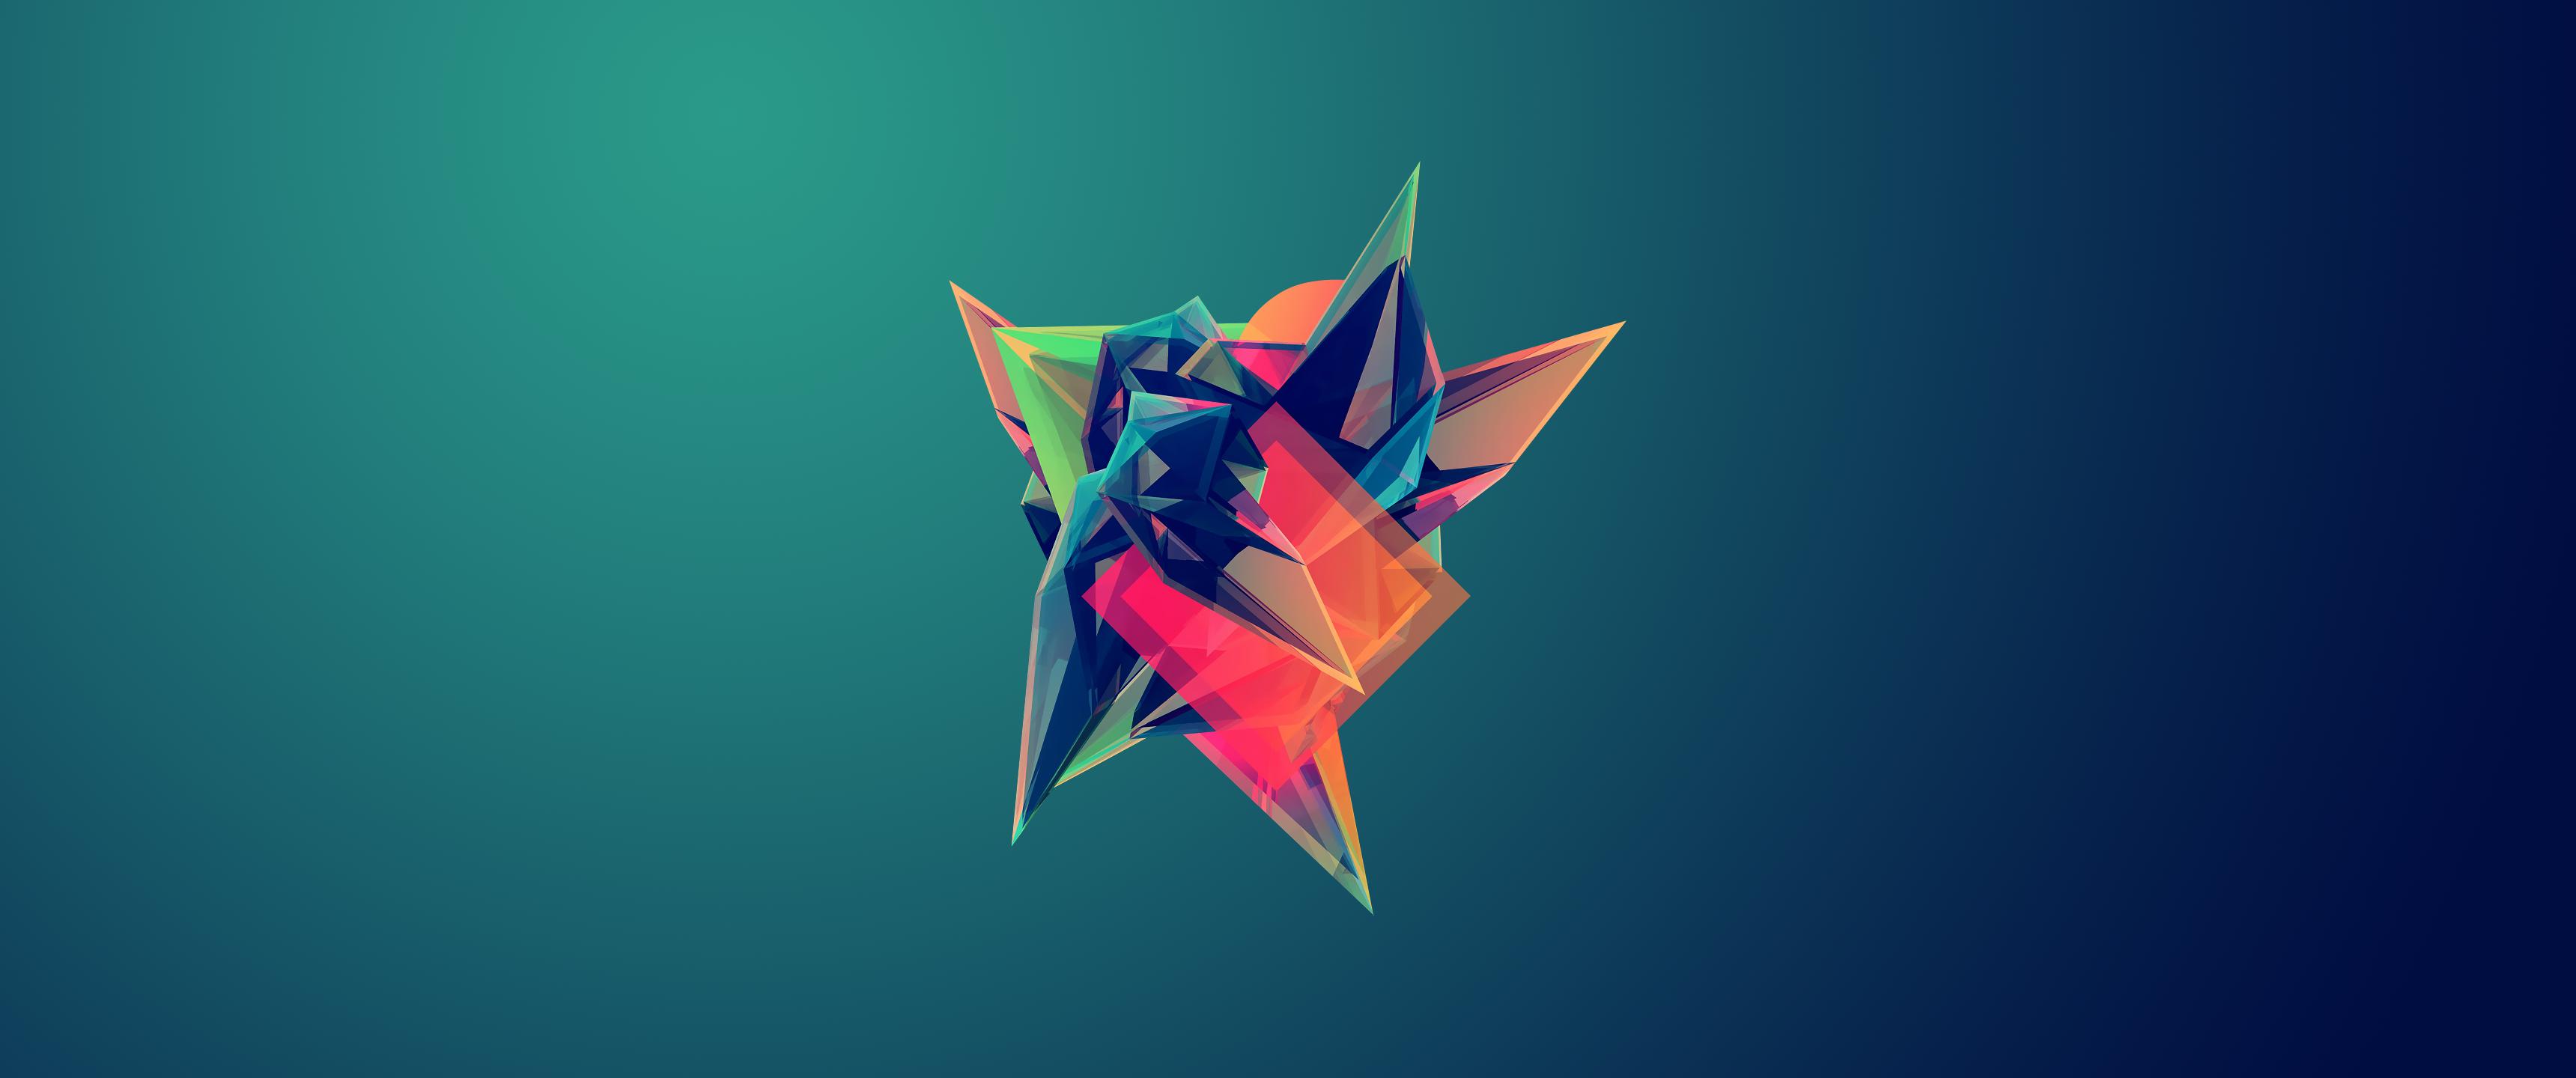 Wallpaper Illustration Digital Art Abstract 3d